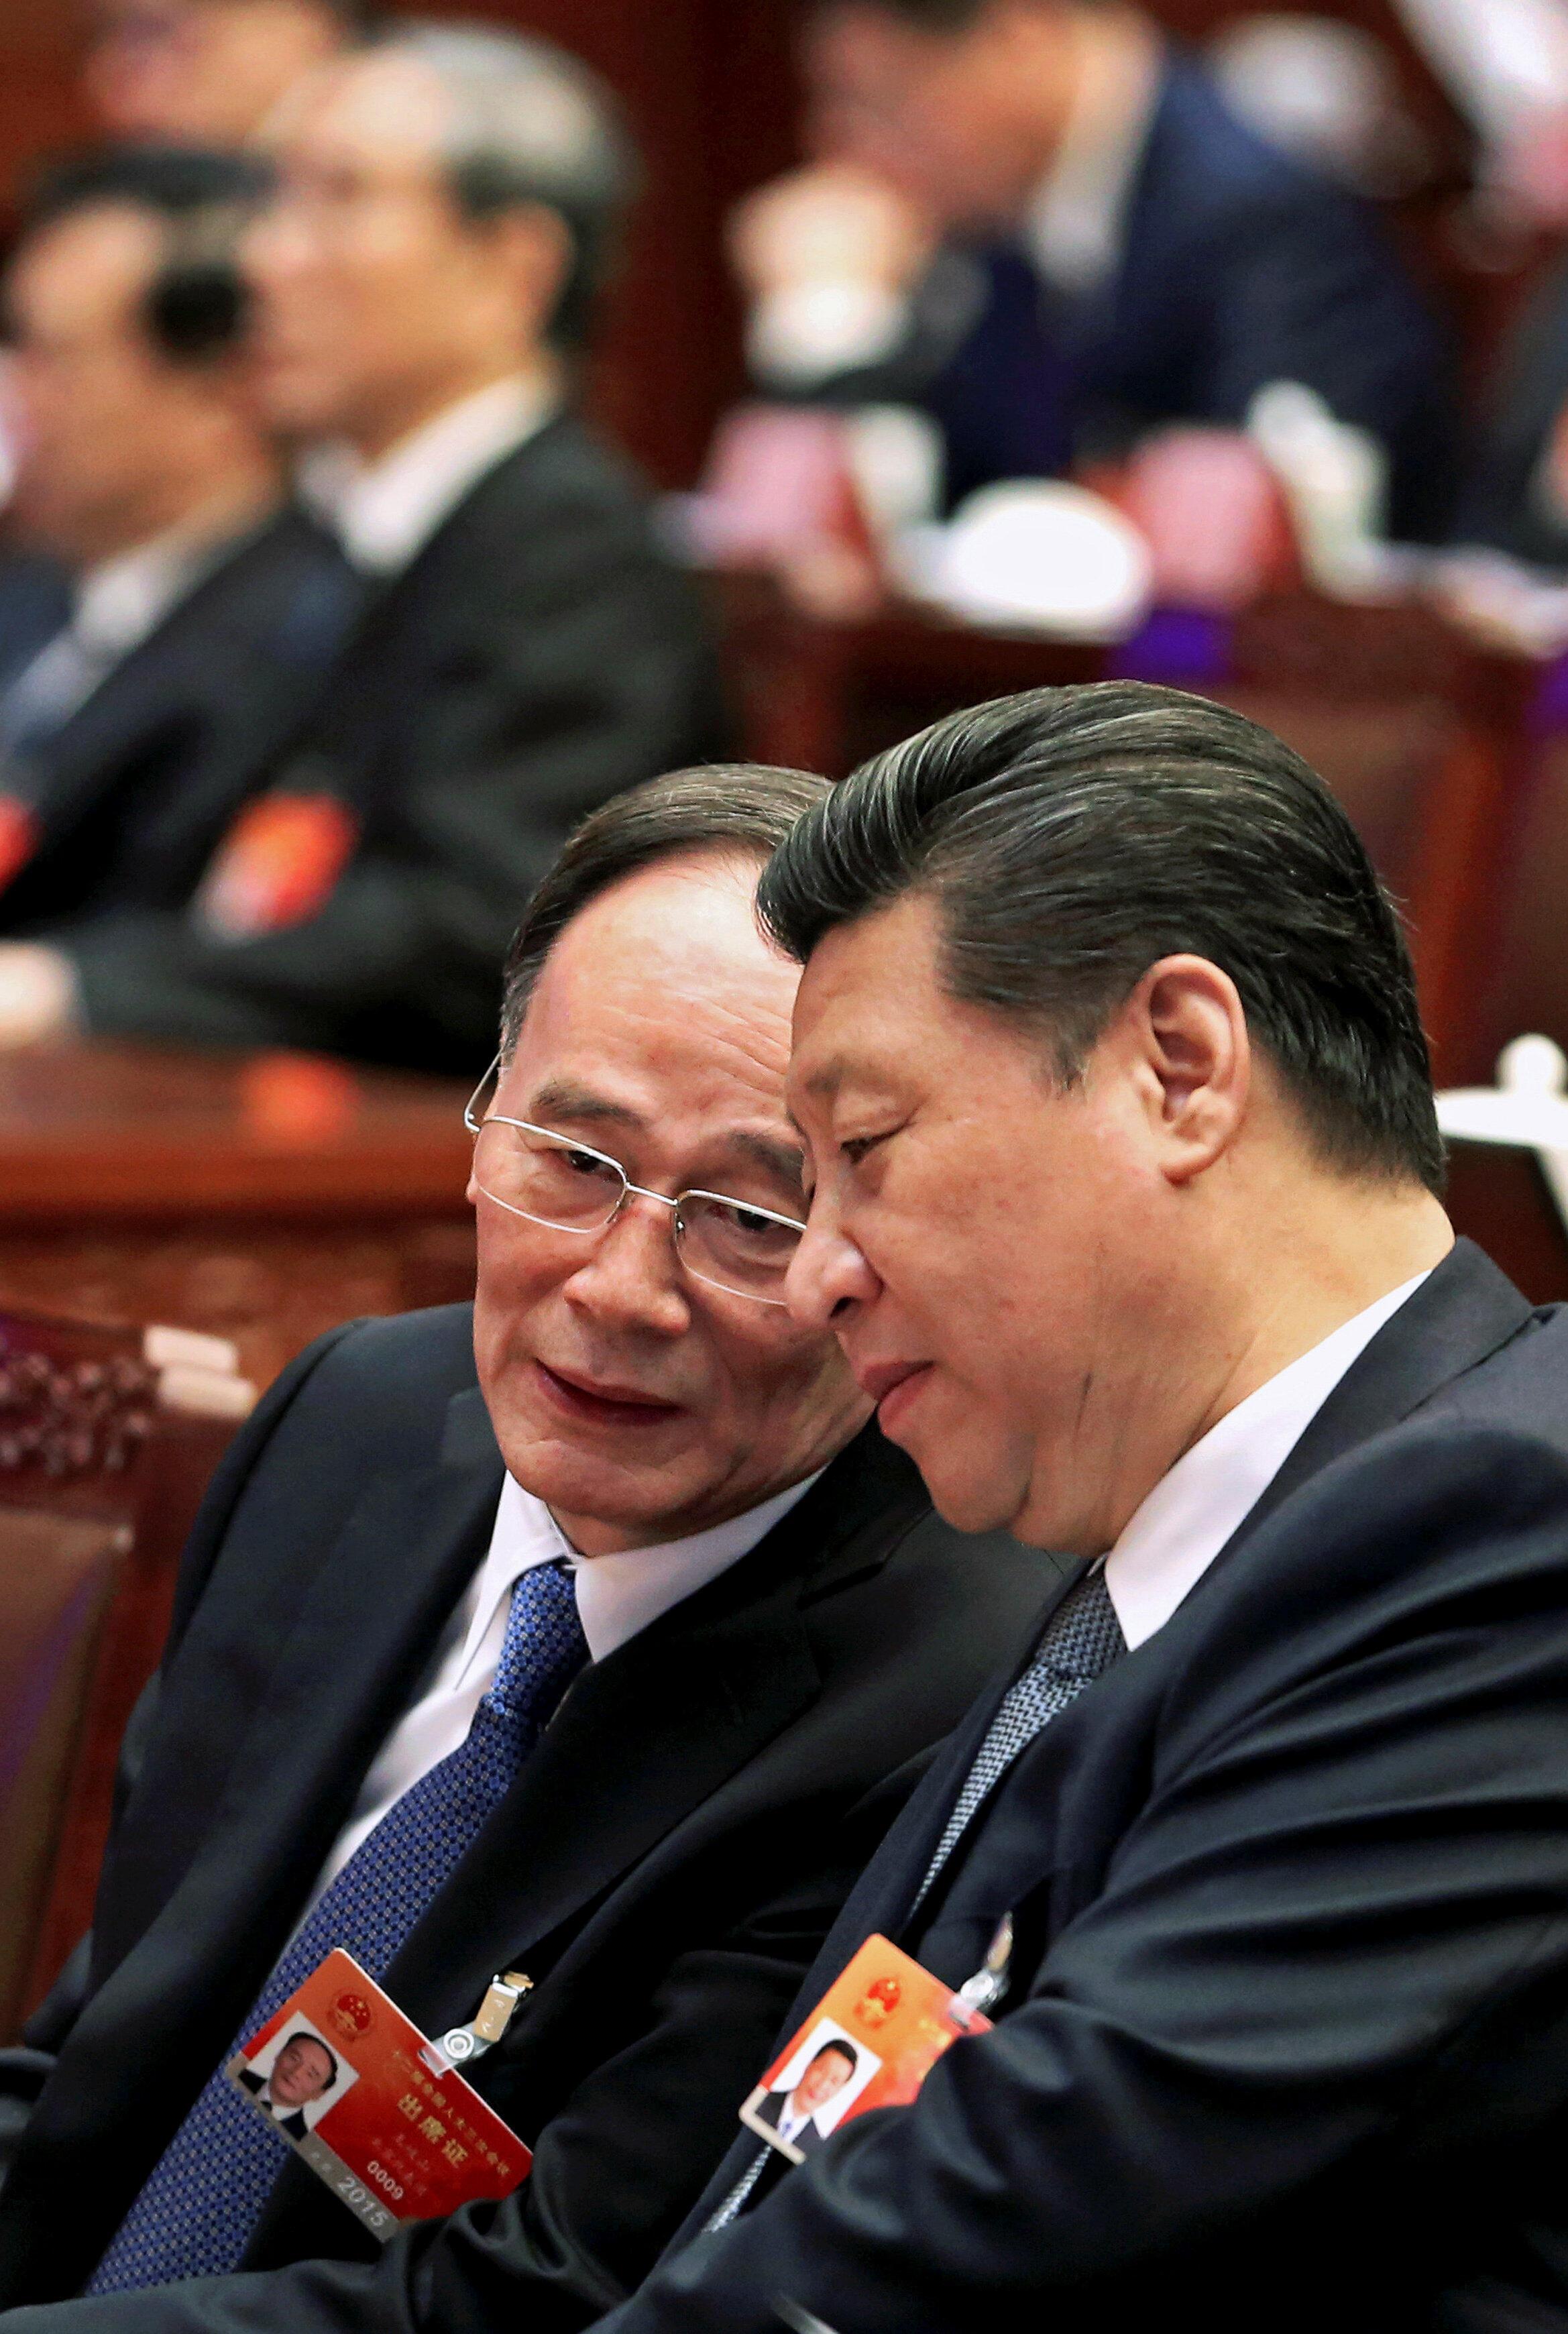 """Chủ tịch Trung Quốc Tập Cận Bình (P) và """"cánh tay chống tham nhũng"""" Vương Kỳ Sơn. Ảnh tháng 3/2015, tại Bắc Kinh."""